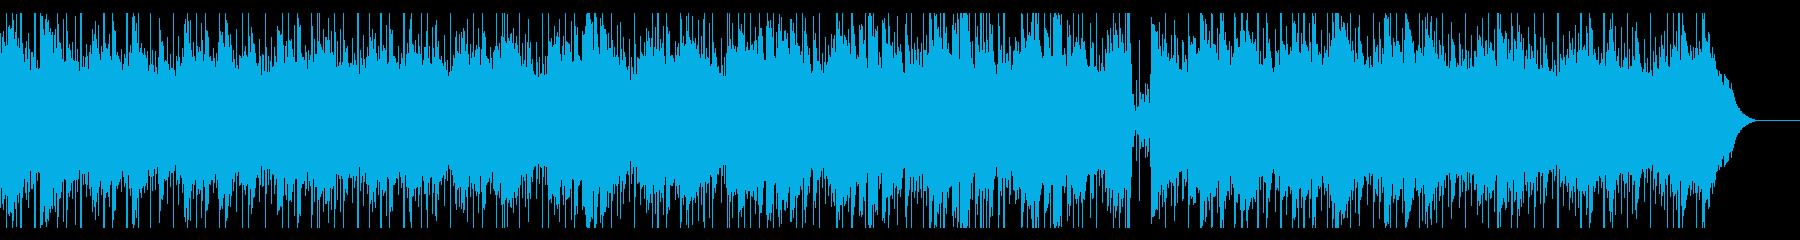 お洒落なチルアウト Lo-fiの再生済みの波形